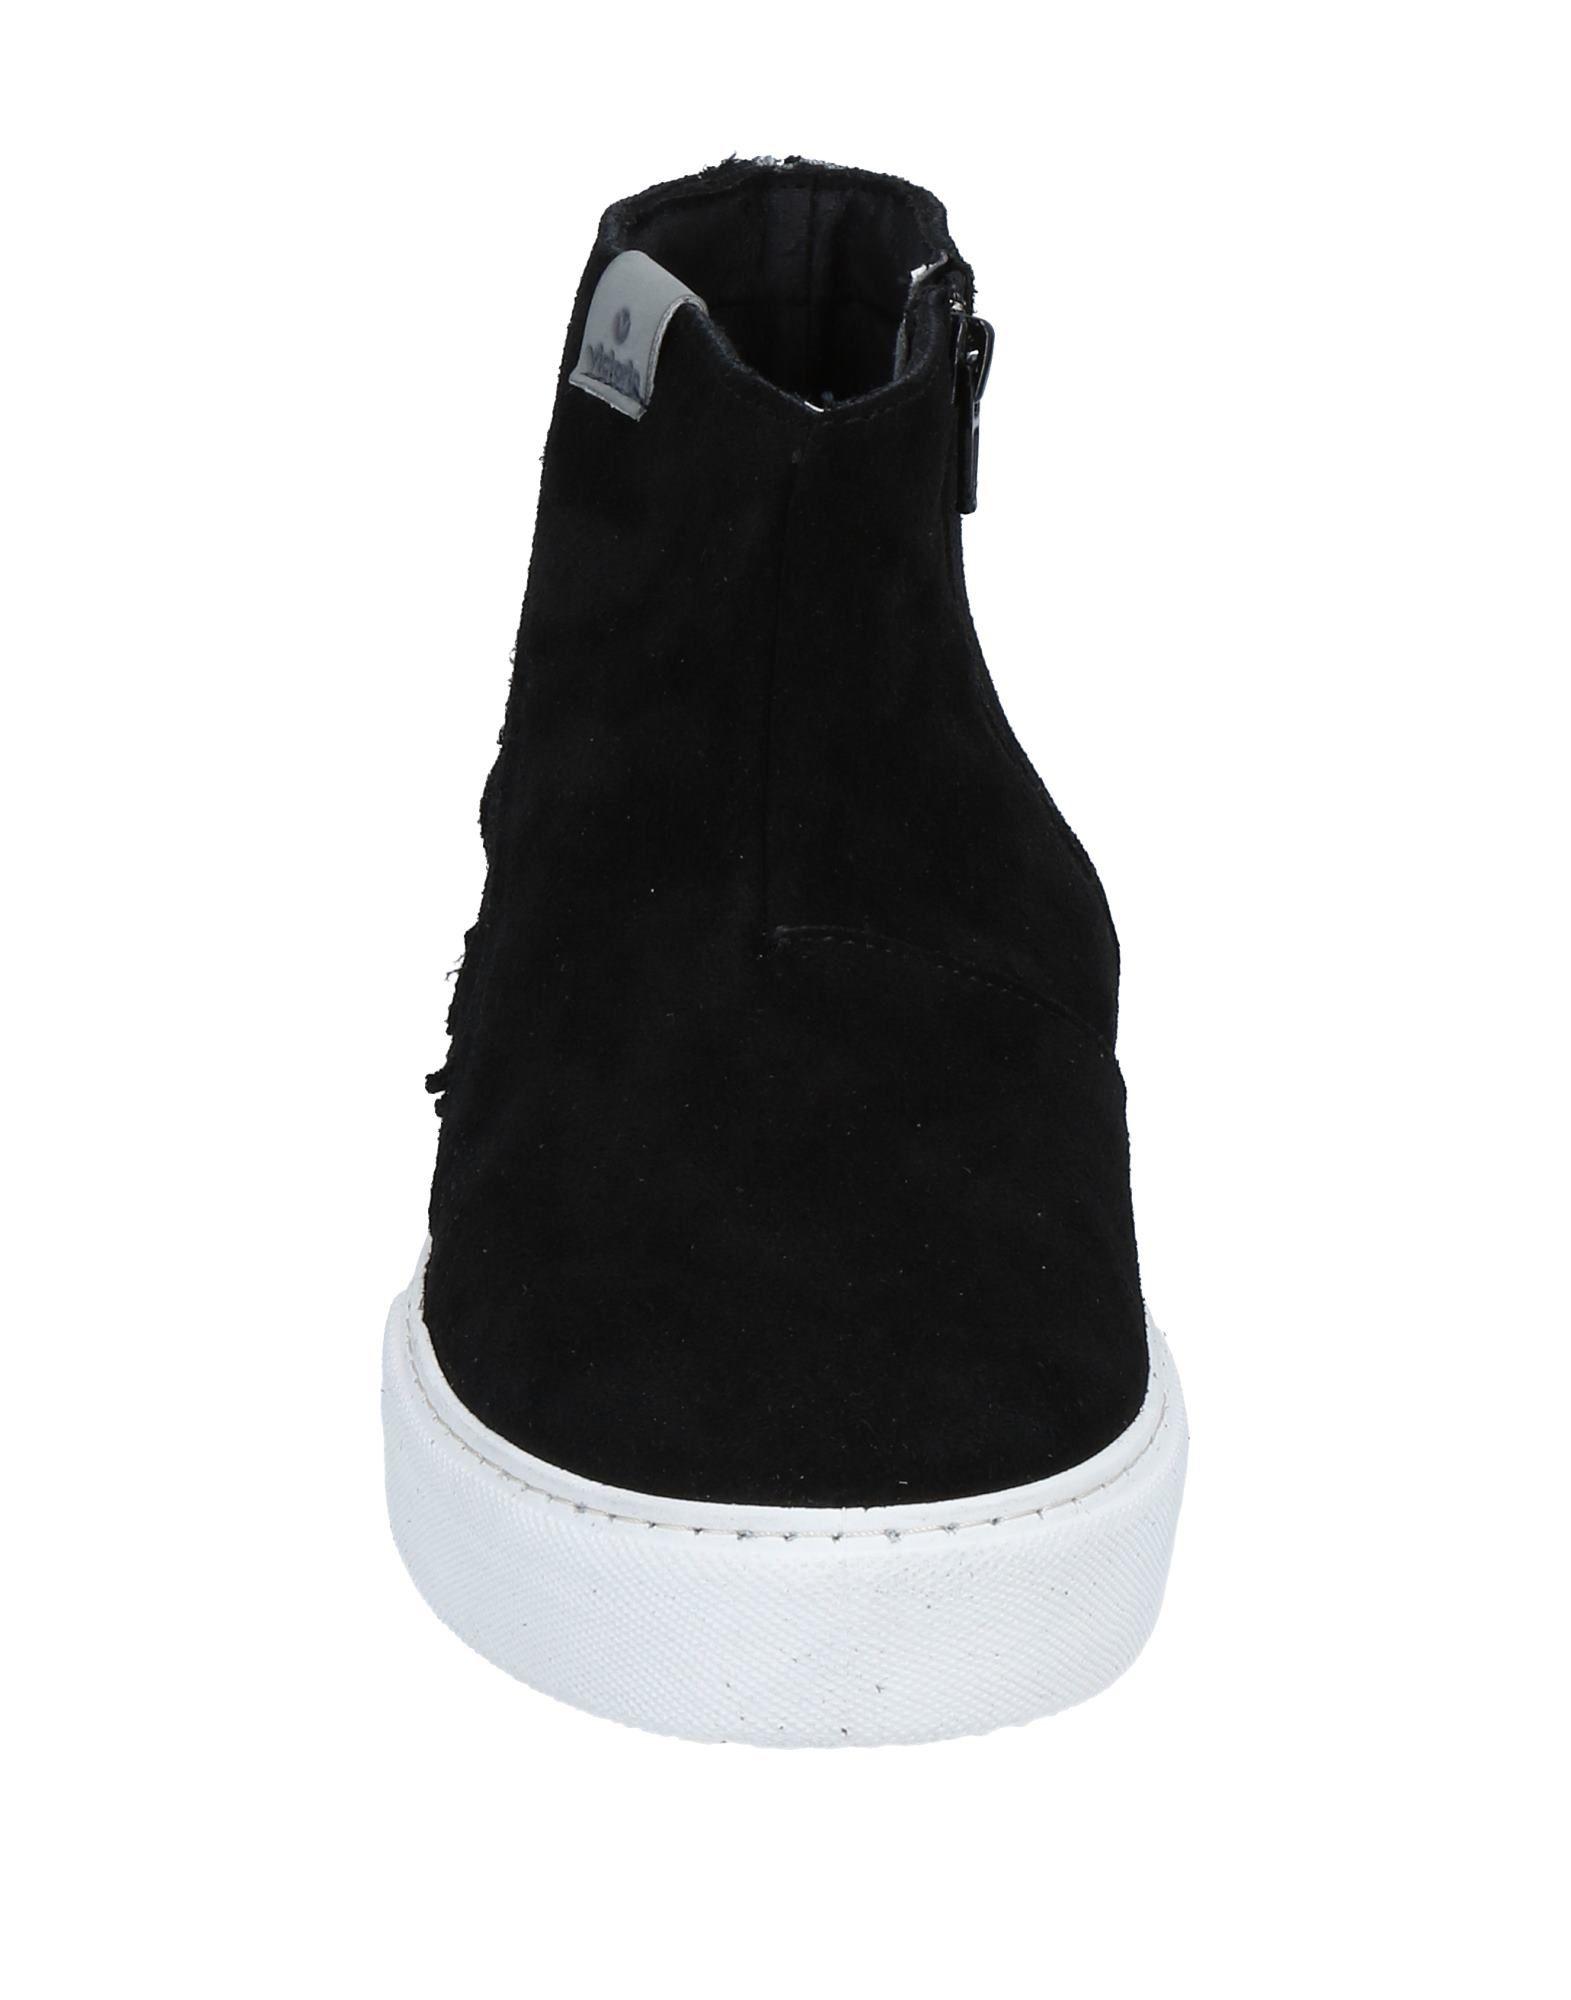 Victoria Victoria Victoria Sneakers Damen Gutes Preis-Leistungs-Verhältnis, es lohnt sich dfa955